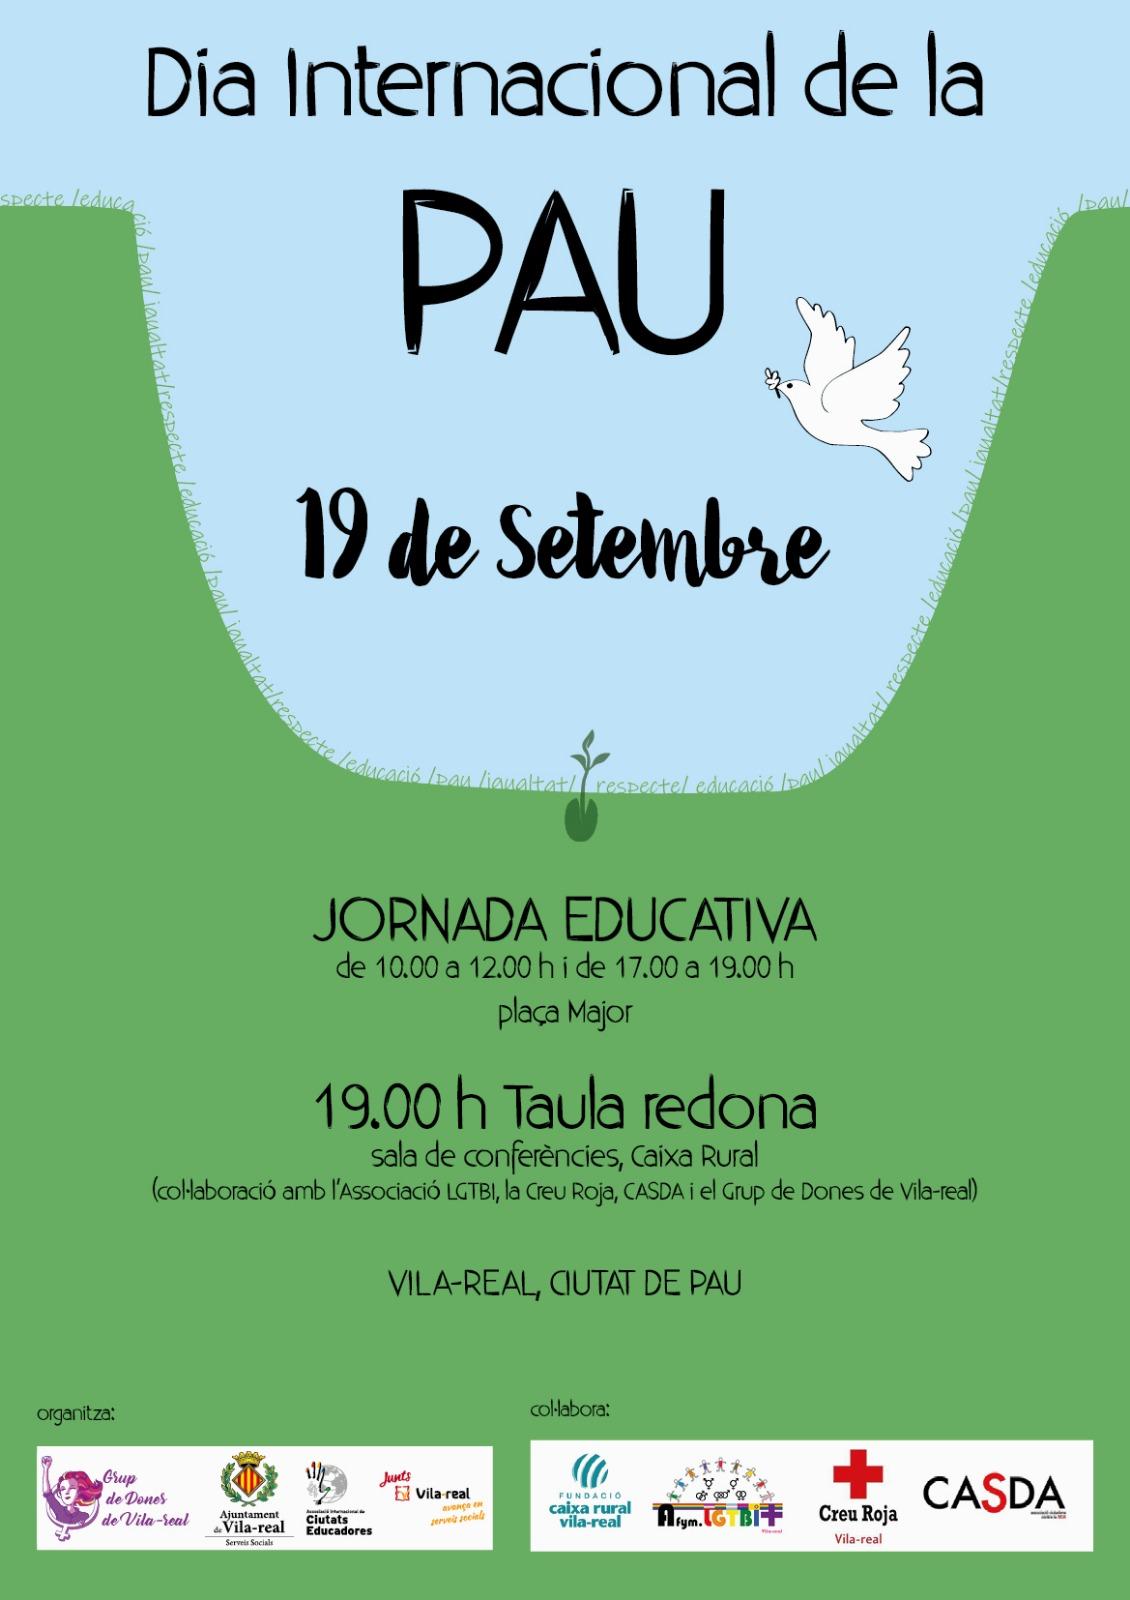 Vila-real celebra el Día Internacional de la Paz.